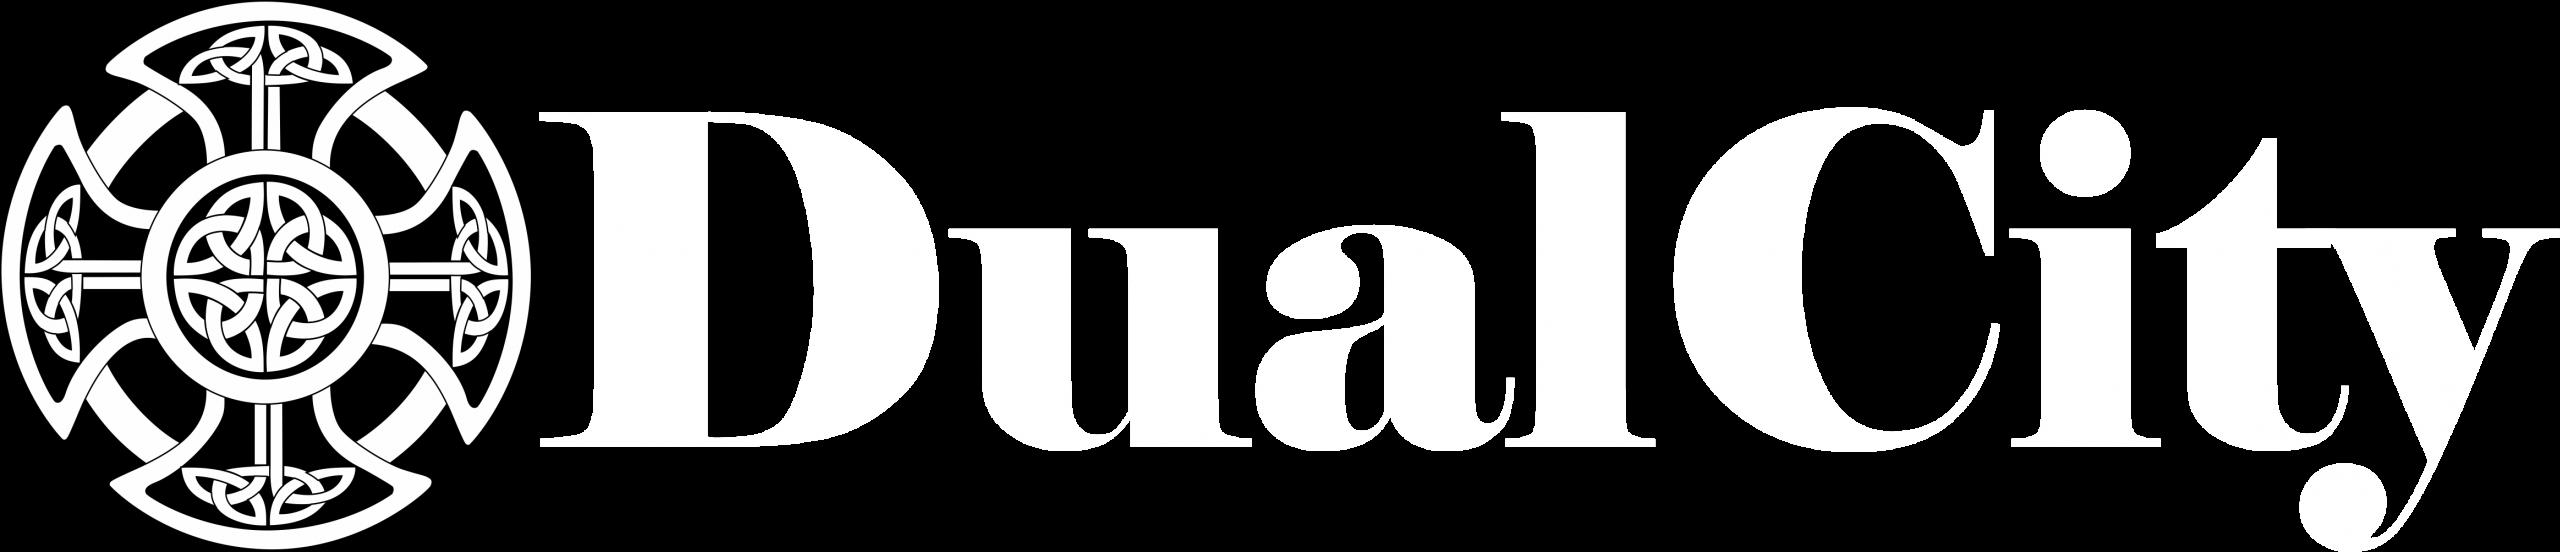 DualCity.com.mx | Cultura y Entretenimiento